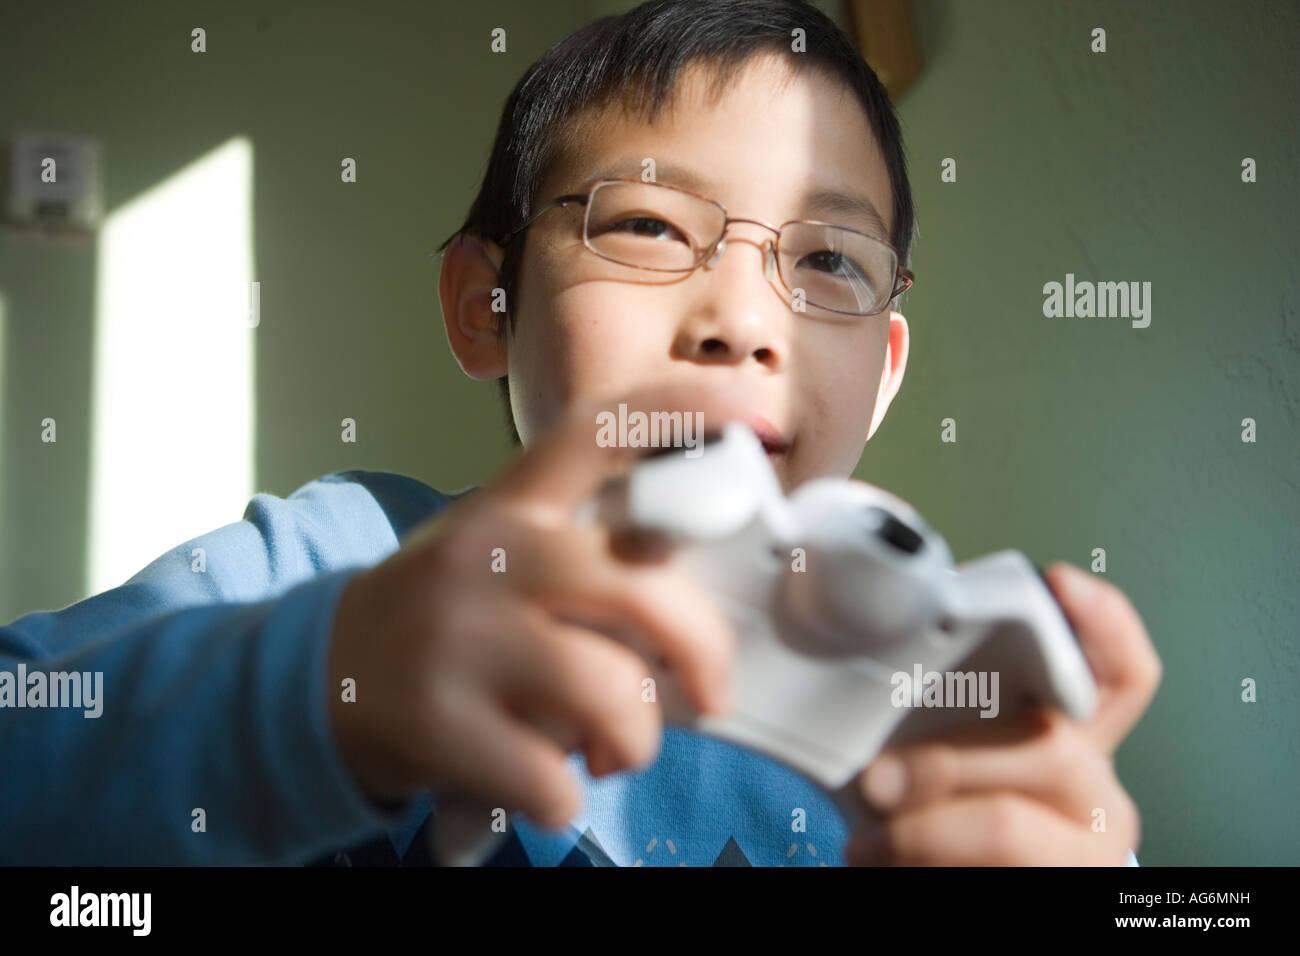 Garçon de dix ans japonais jeux vidéos libre Photo Stock